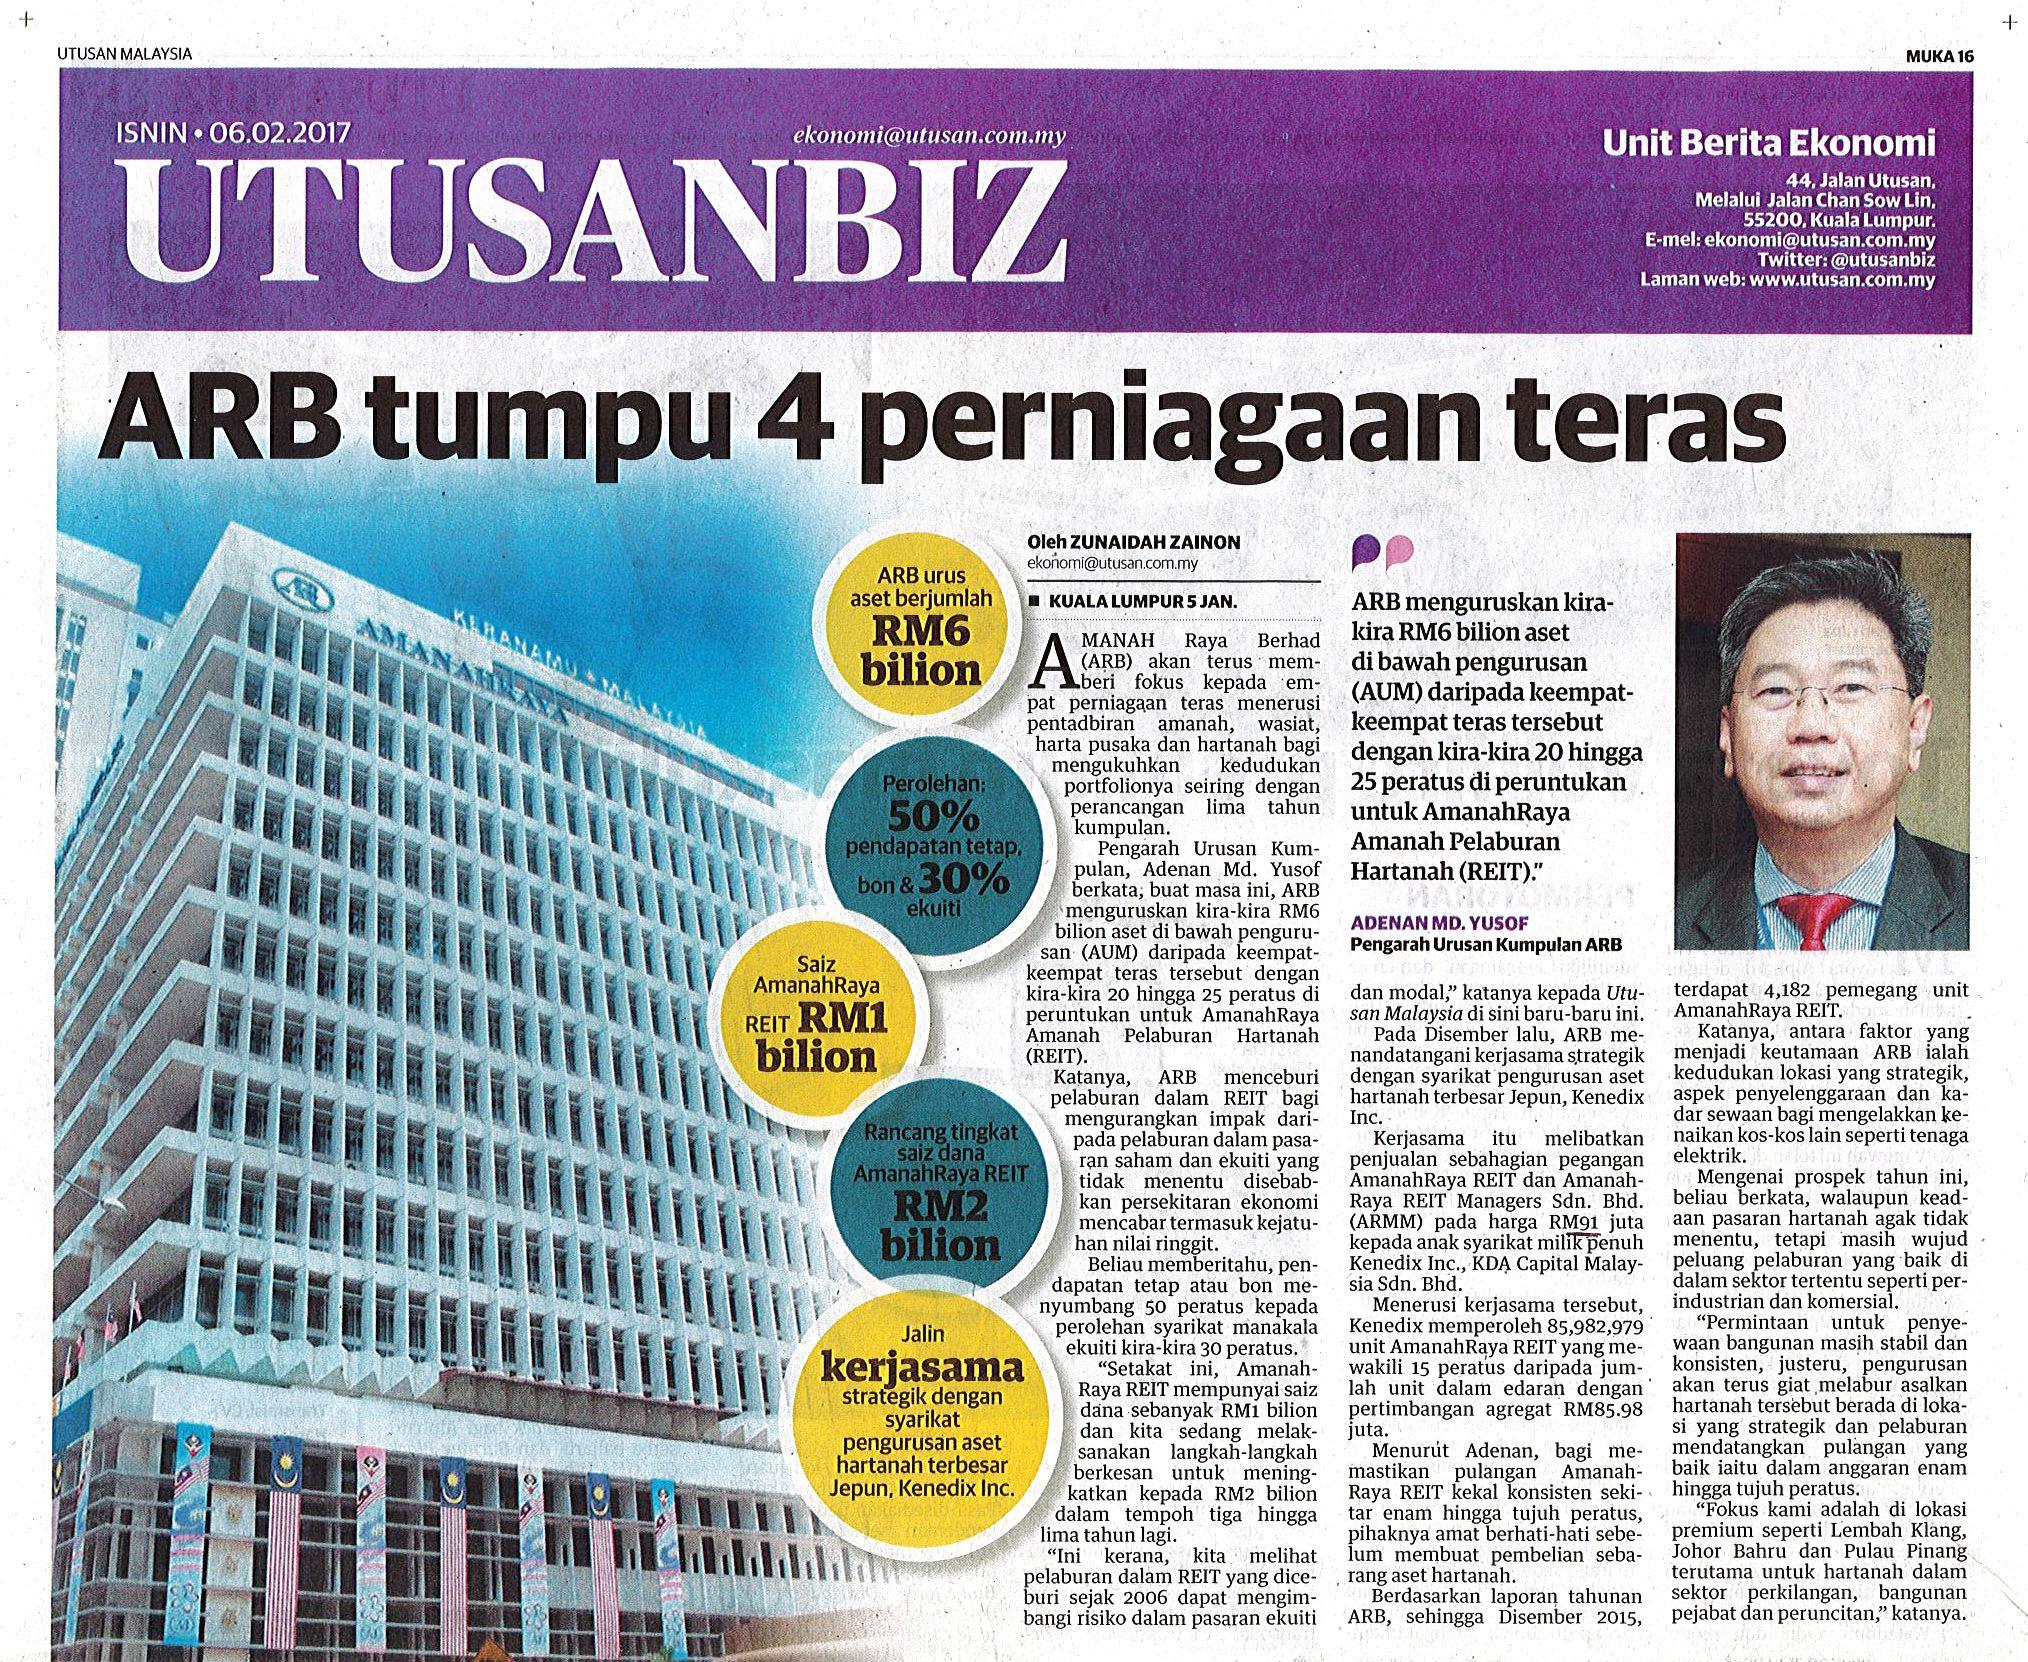 Amanah Raya Berhad (ARB) akan terus memberi fokus kepada empat perniagaan teras menerusi pentadbiran amanah, wasiat, harta pusaka dan hartanah bagi mengukuhkan kedudukan portfolionya seiring dengan perancangan lima tahun kumpulan.